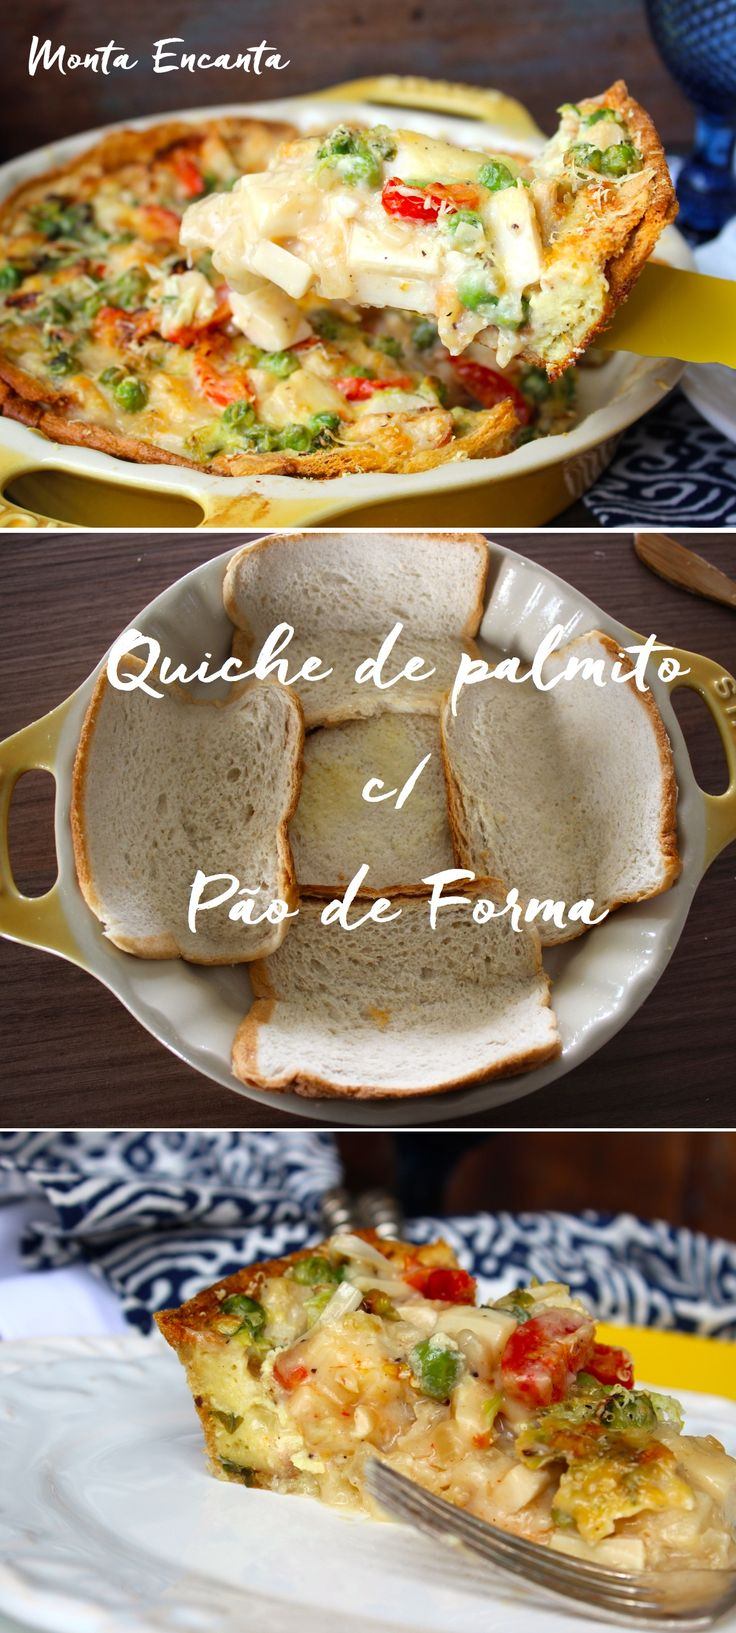 Quiche de palmito com Pào de Forma, A massa é feita com fatias de pão de forma e fica super crocante. O recheio é  de palmito, ervilhas frescas e tomatinho sweet, mas é só palpite, o conteúdo fica ao gosto do freguês. Para montar, é só amassar as fatias de pão, deixando-as mais finas,  passar manteiga, forrar o fundo de uma assadeira, rechear com o palmitos picados,   béchamel e finalizar com ovos batidos típicos de uma quiche ... e Bom Apetie